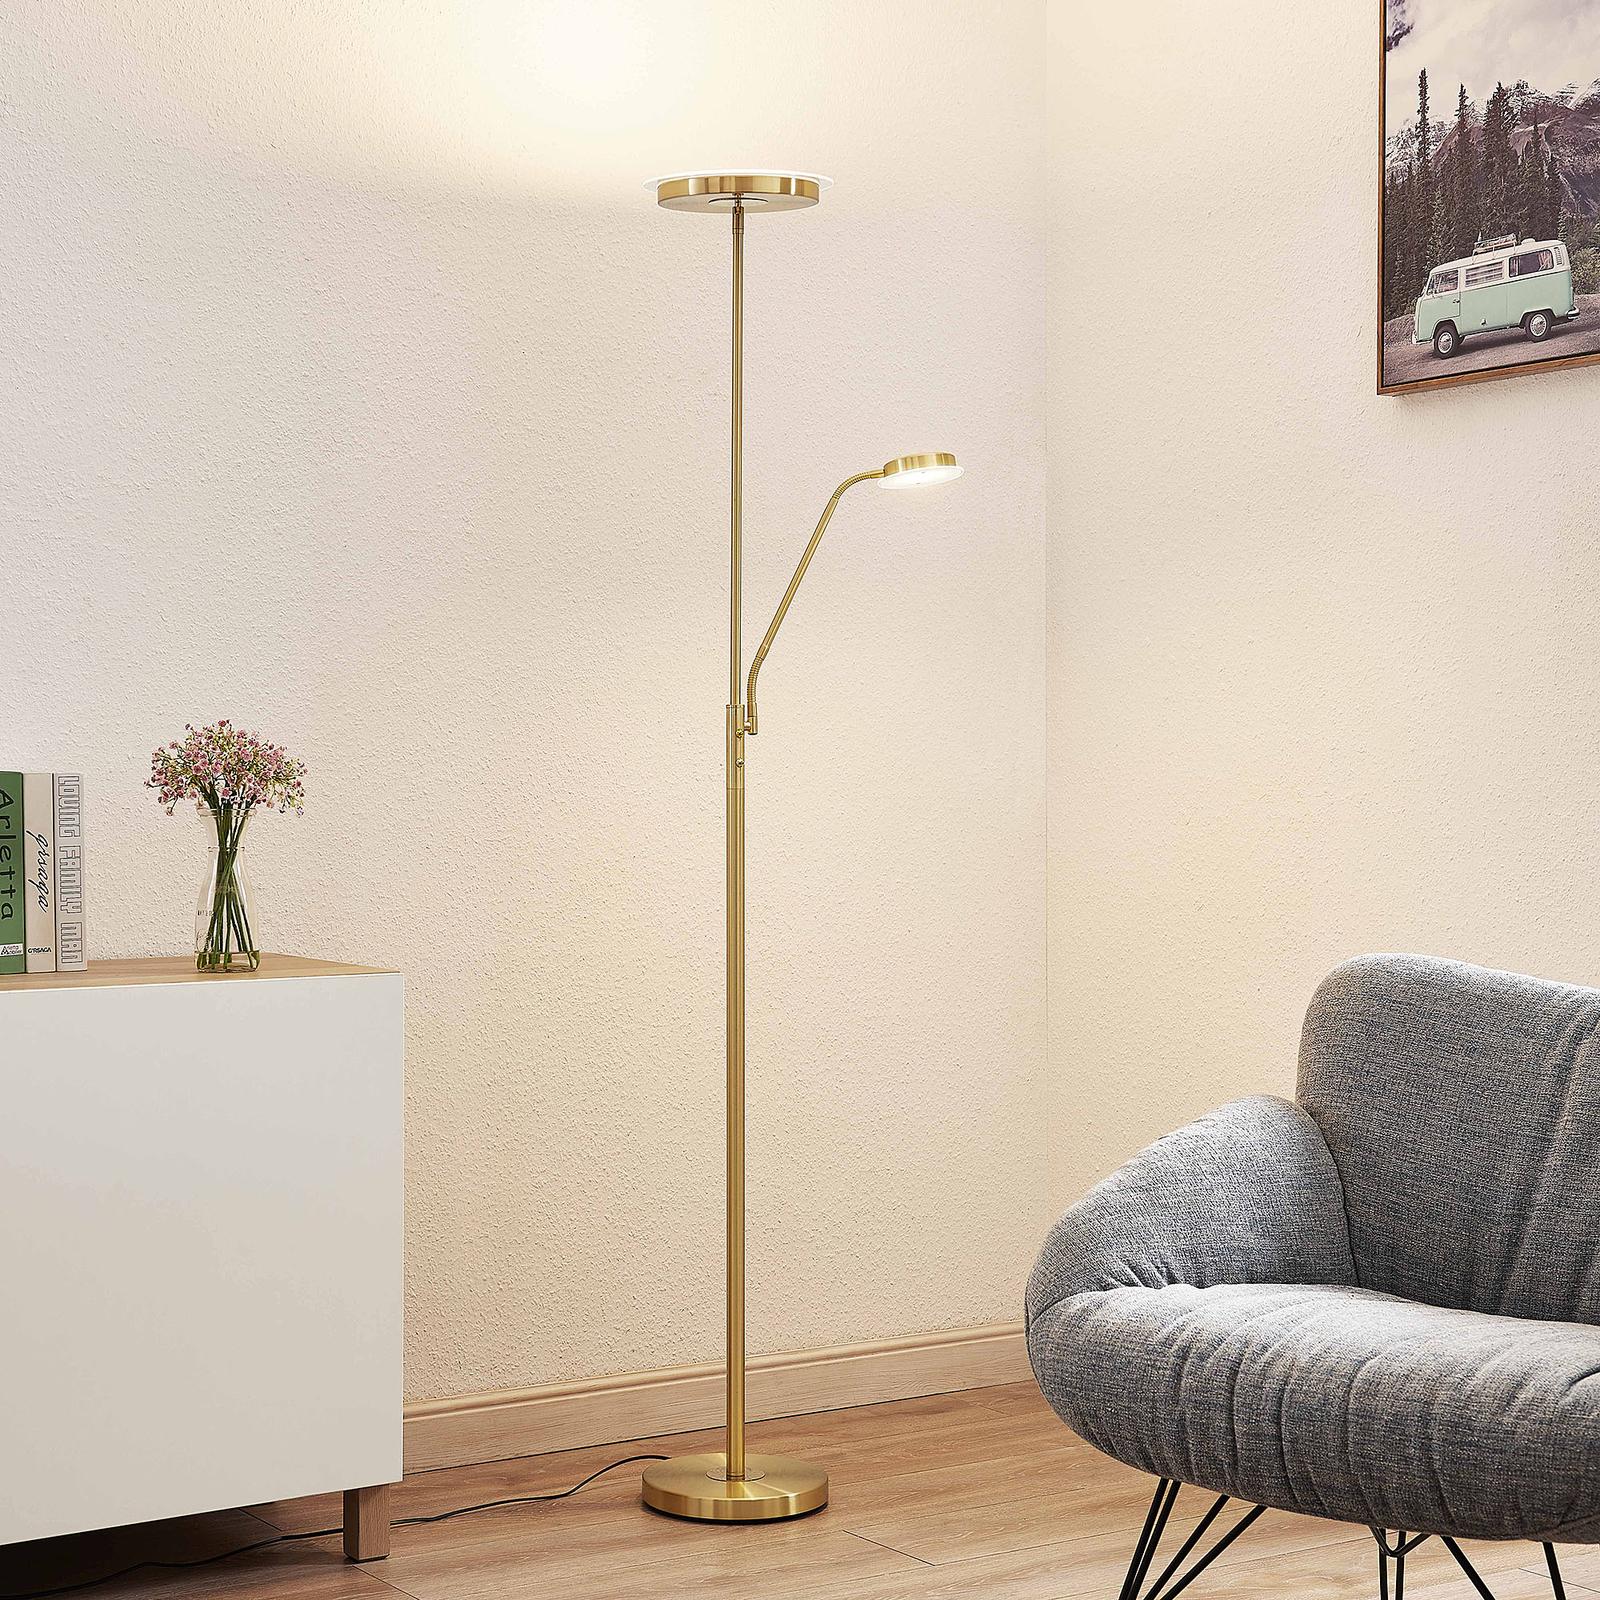 Lindby Sumani lampa stojąca LED, okrągła, mosiądz